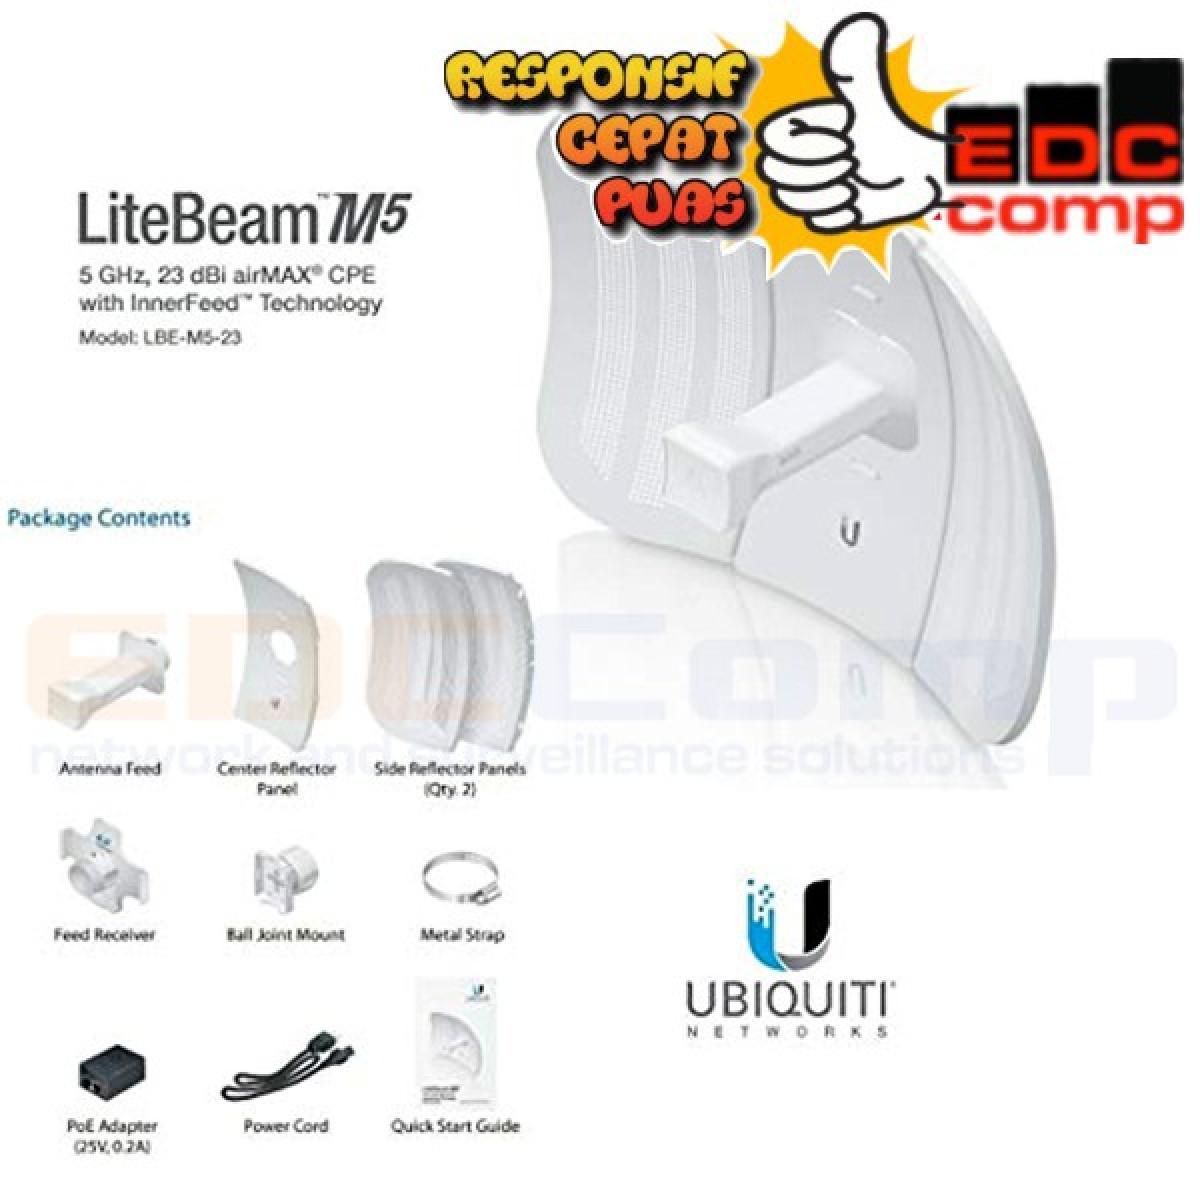 Ubiquiti LiteBeam M5-23 23DBI UBNT LBE-M5-23 Ubiquity LBE M5 23 - EdcComp